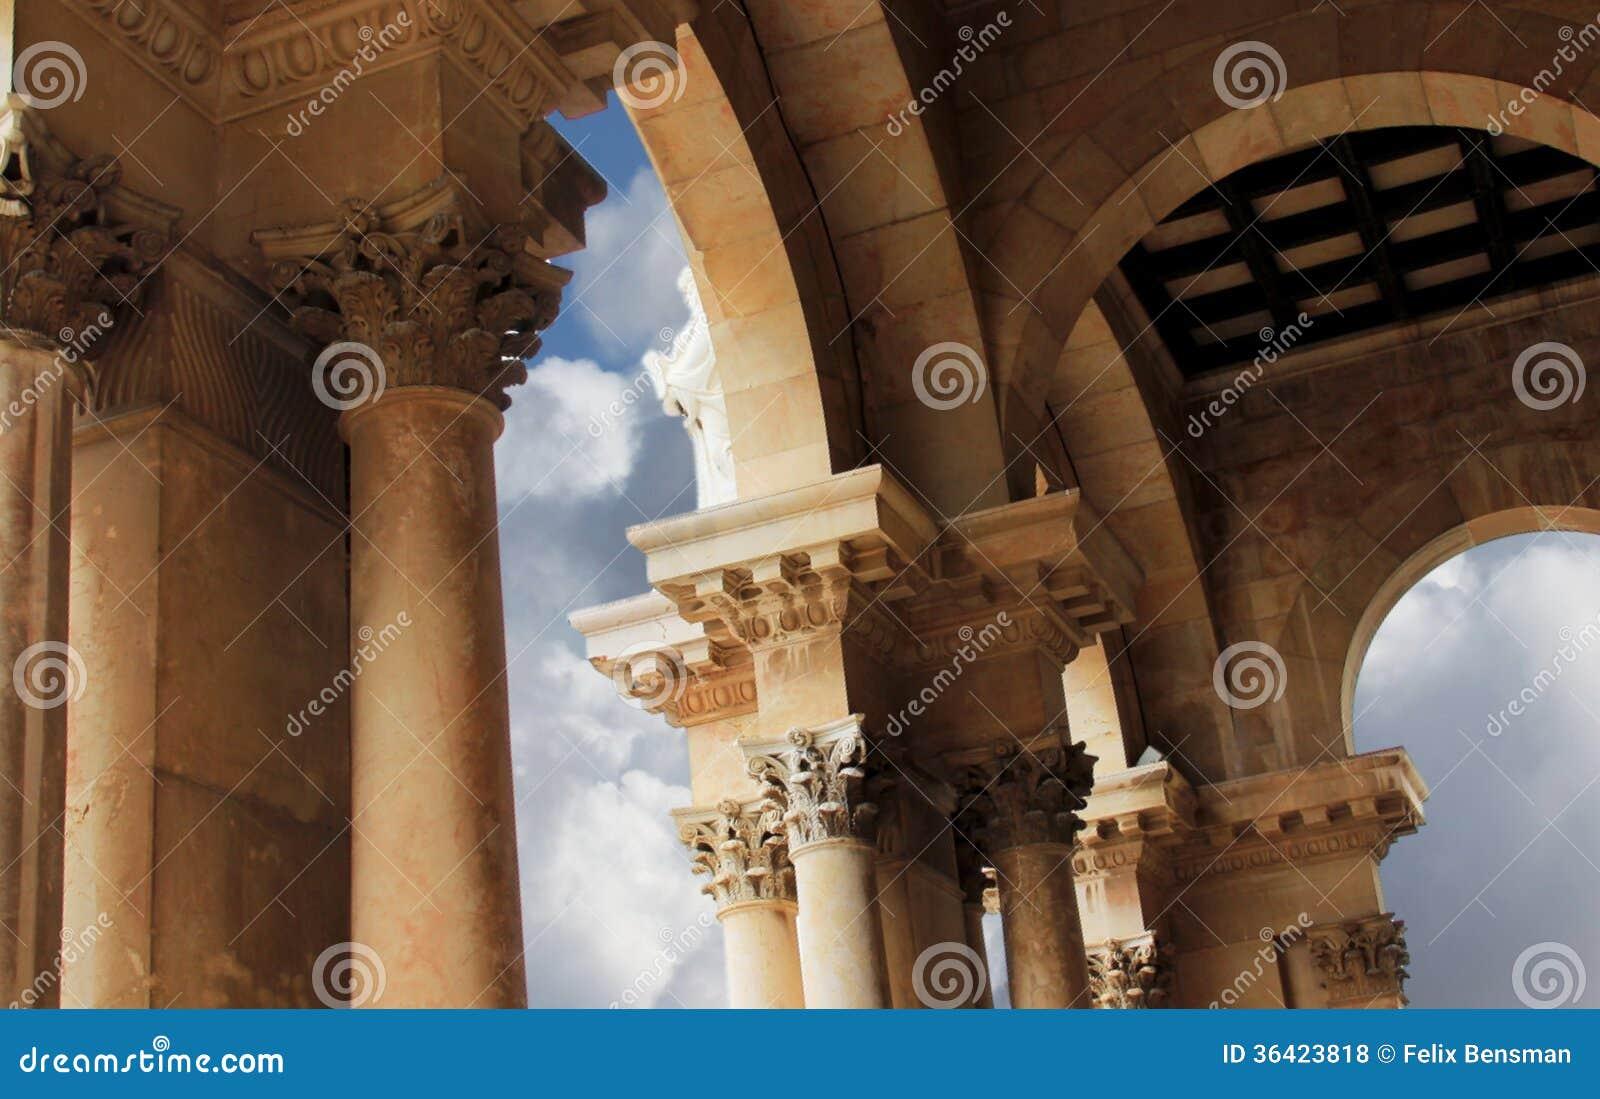 Nationer för kyrka allra. Jerusalem. Israel